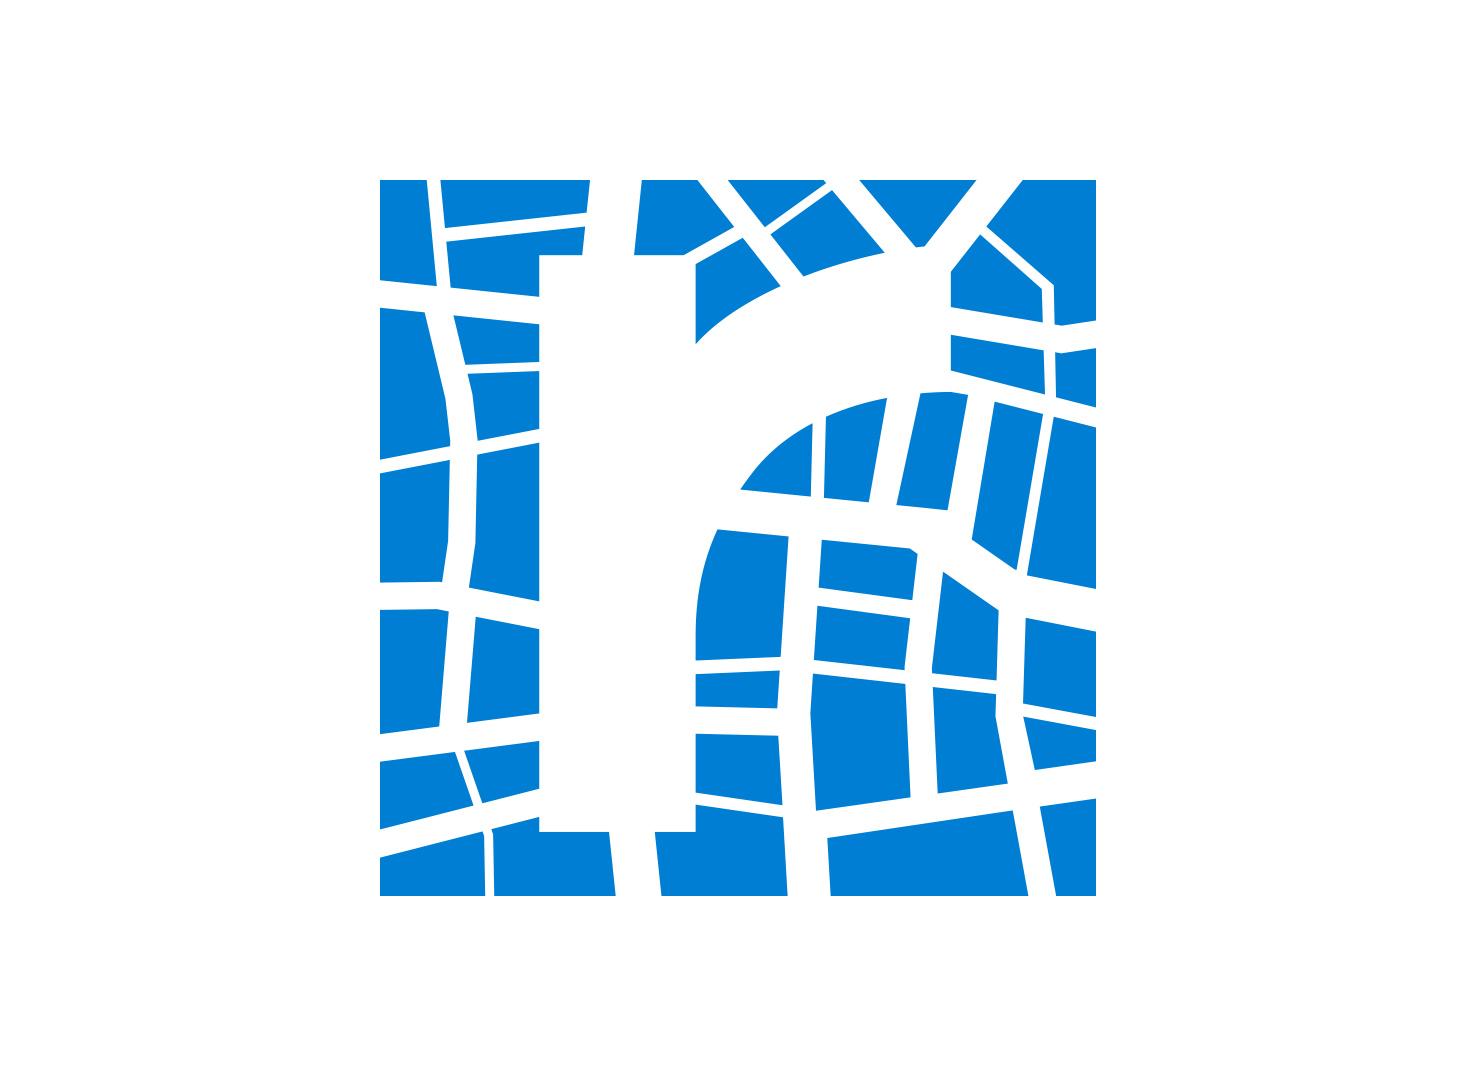 logo design for richards urban design ltd the brand